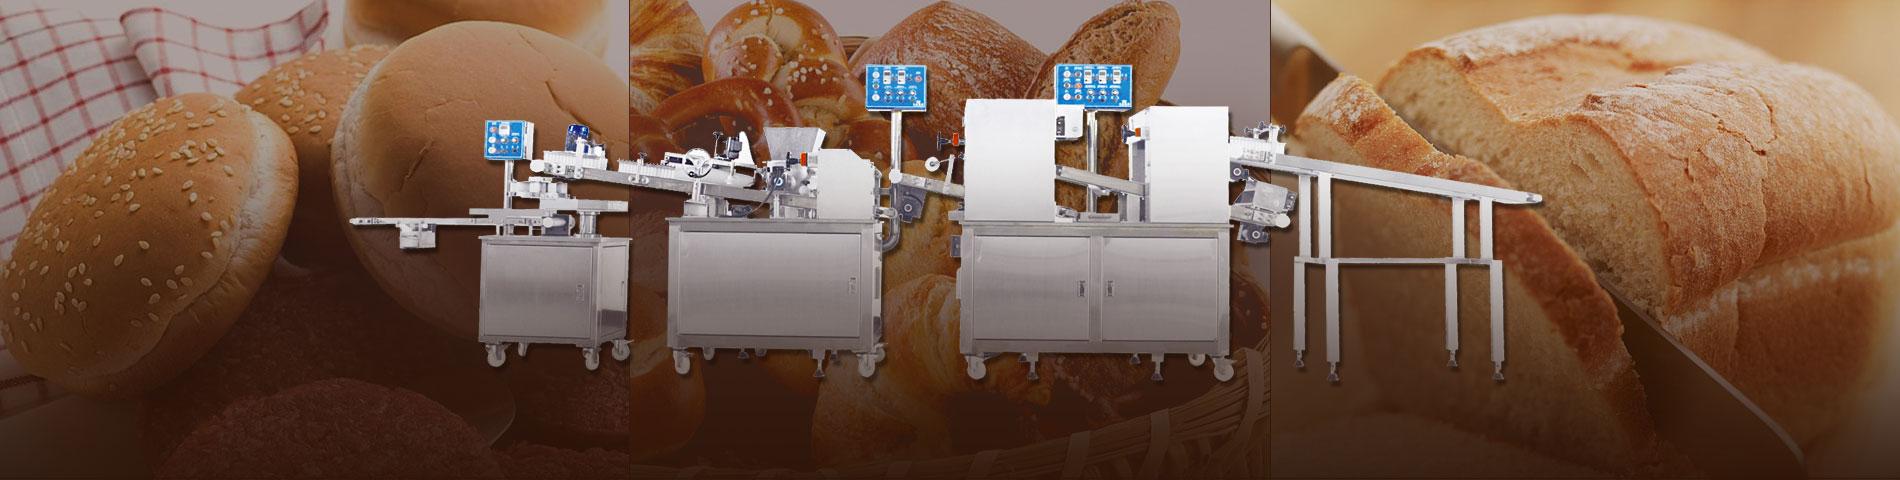 Хлеб, Тост, Бургер Хлеб Хлебопекарная машина TY-8530